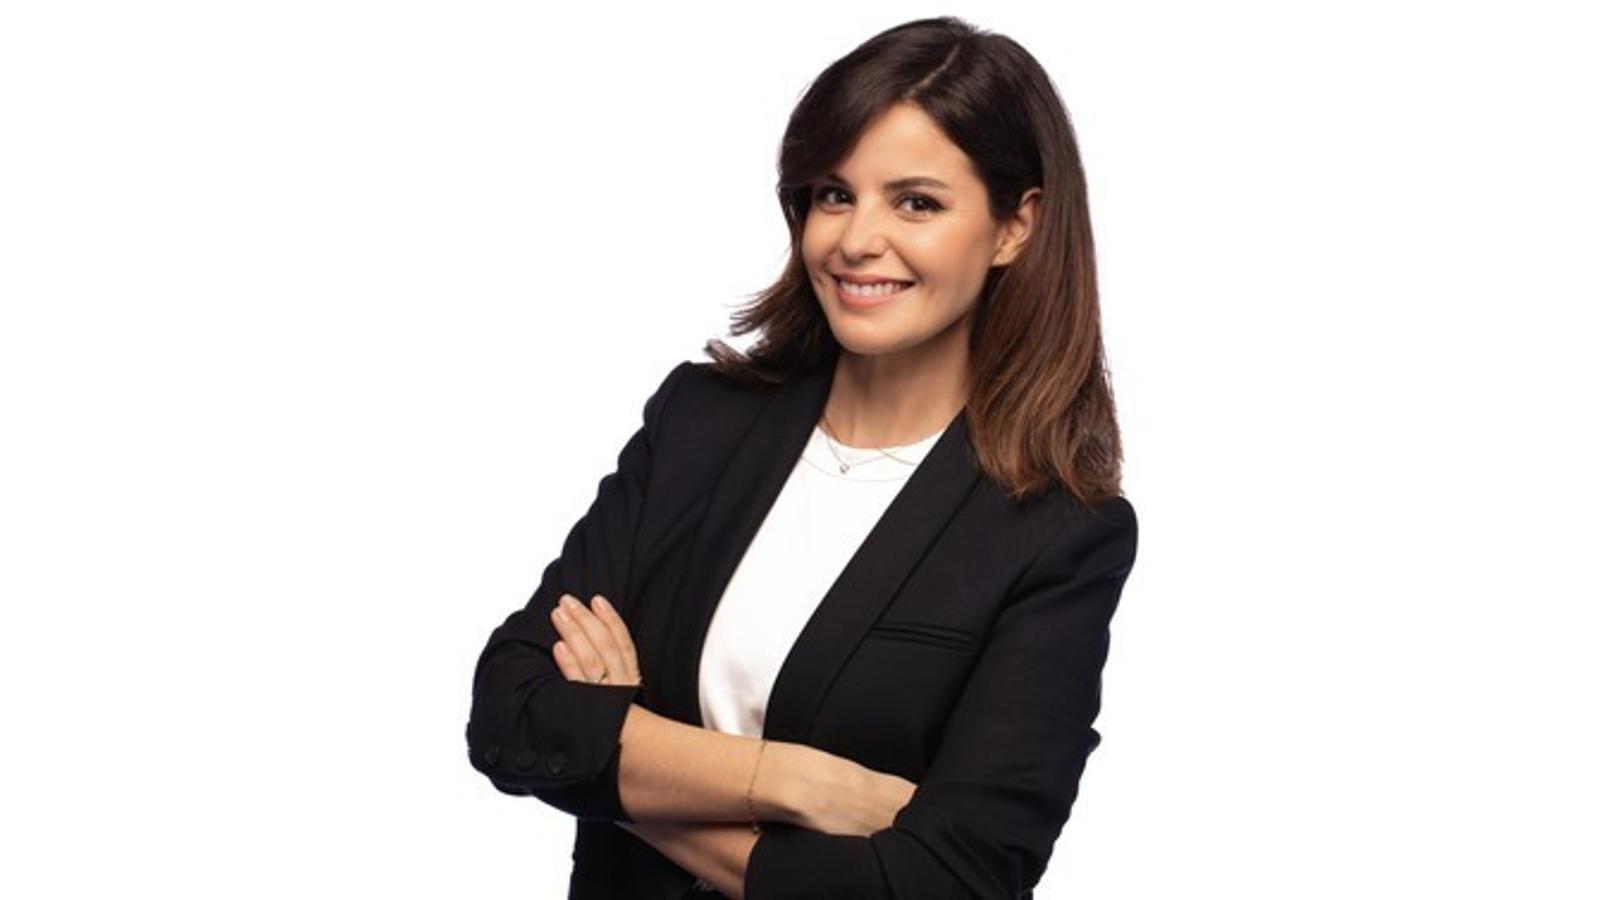 La segona temporada de 'Persona infiltrada', que serà presentada per Marta Torné, es va quedar a mig gravar